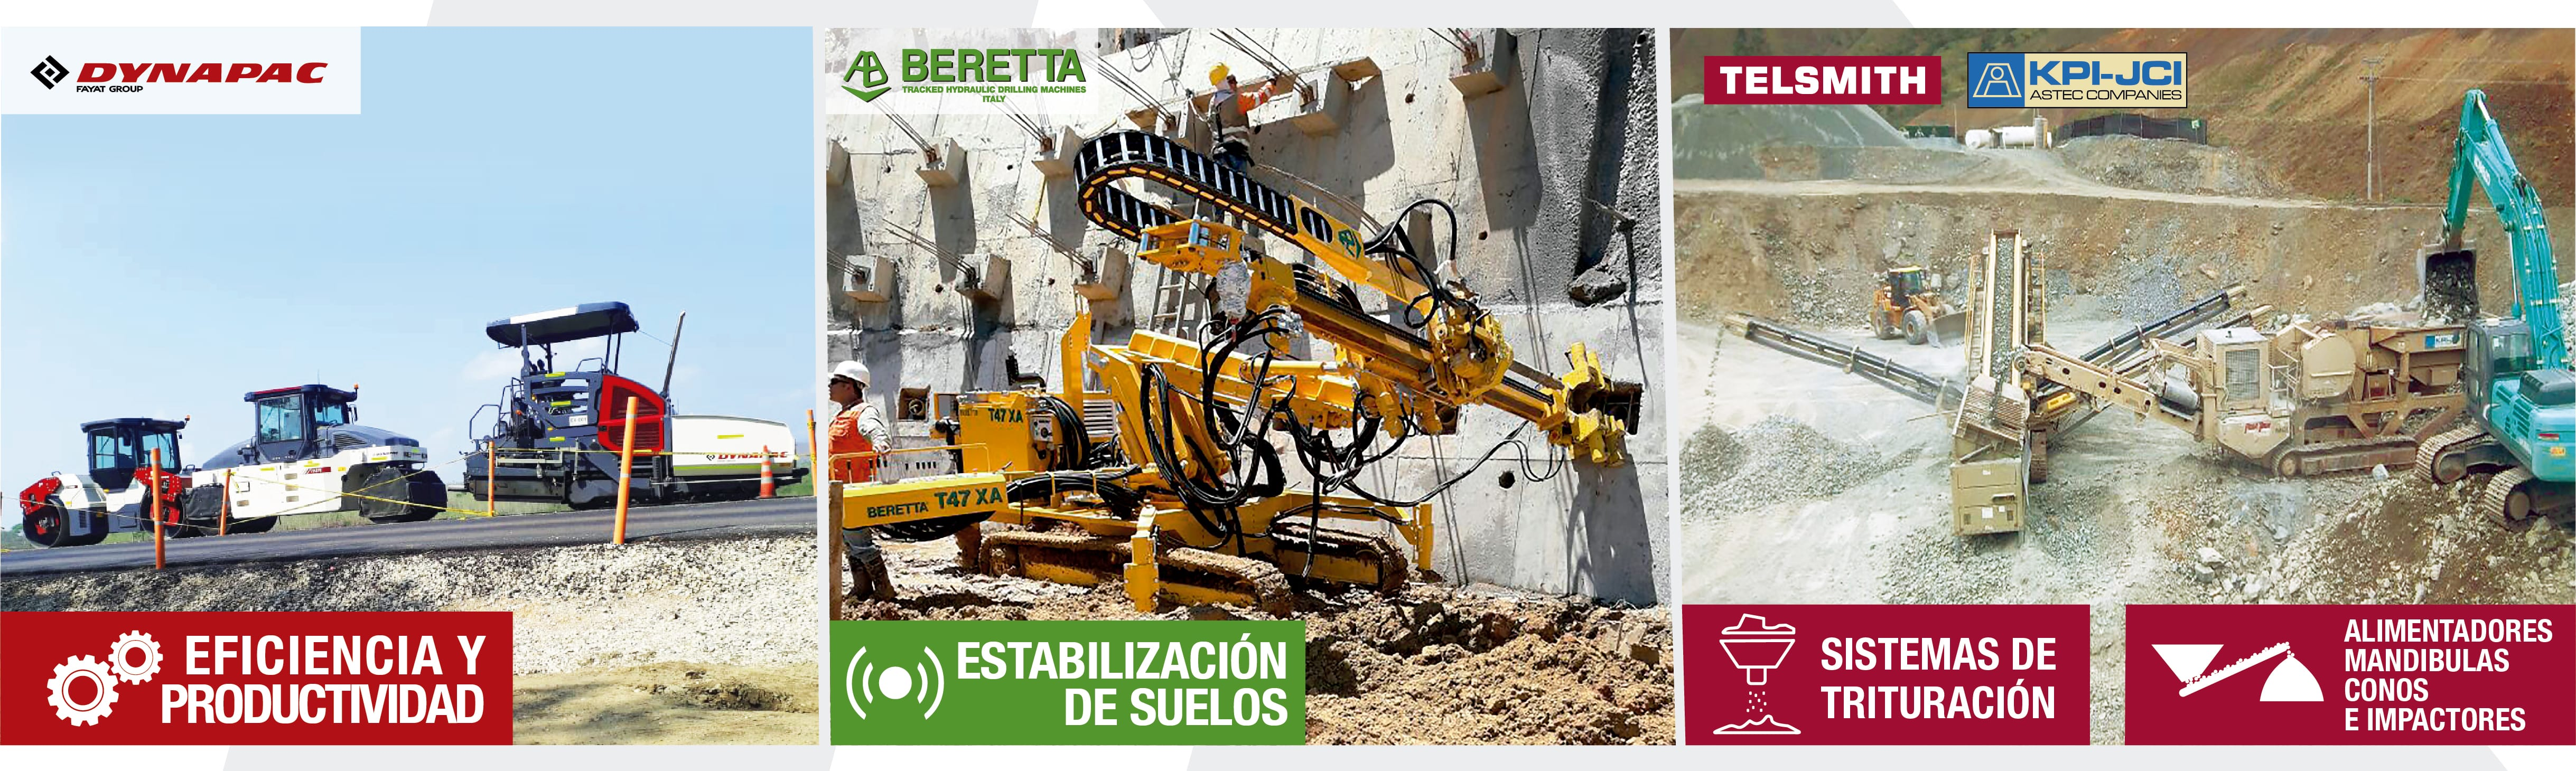 Banner_Mesa_de_trabajo_1